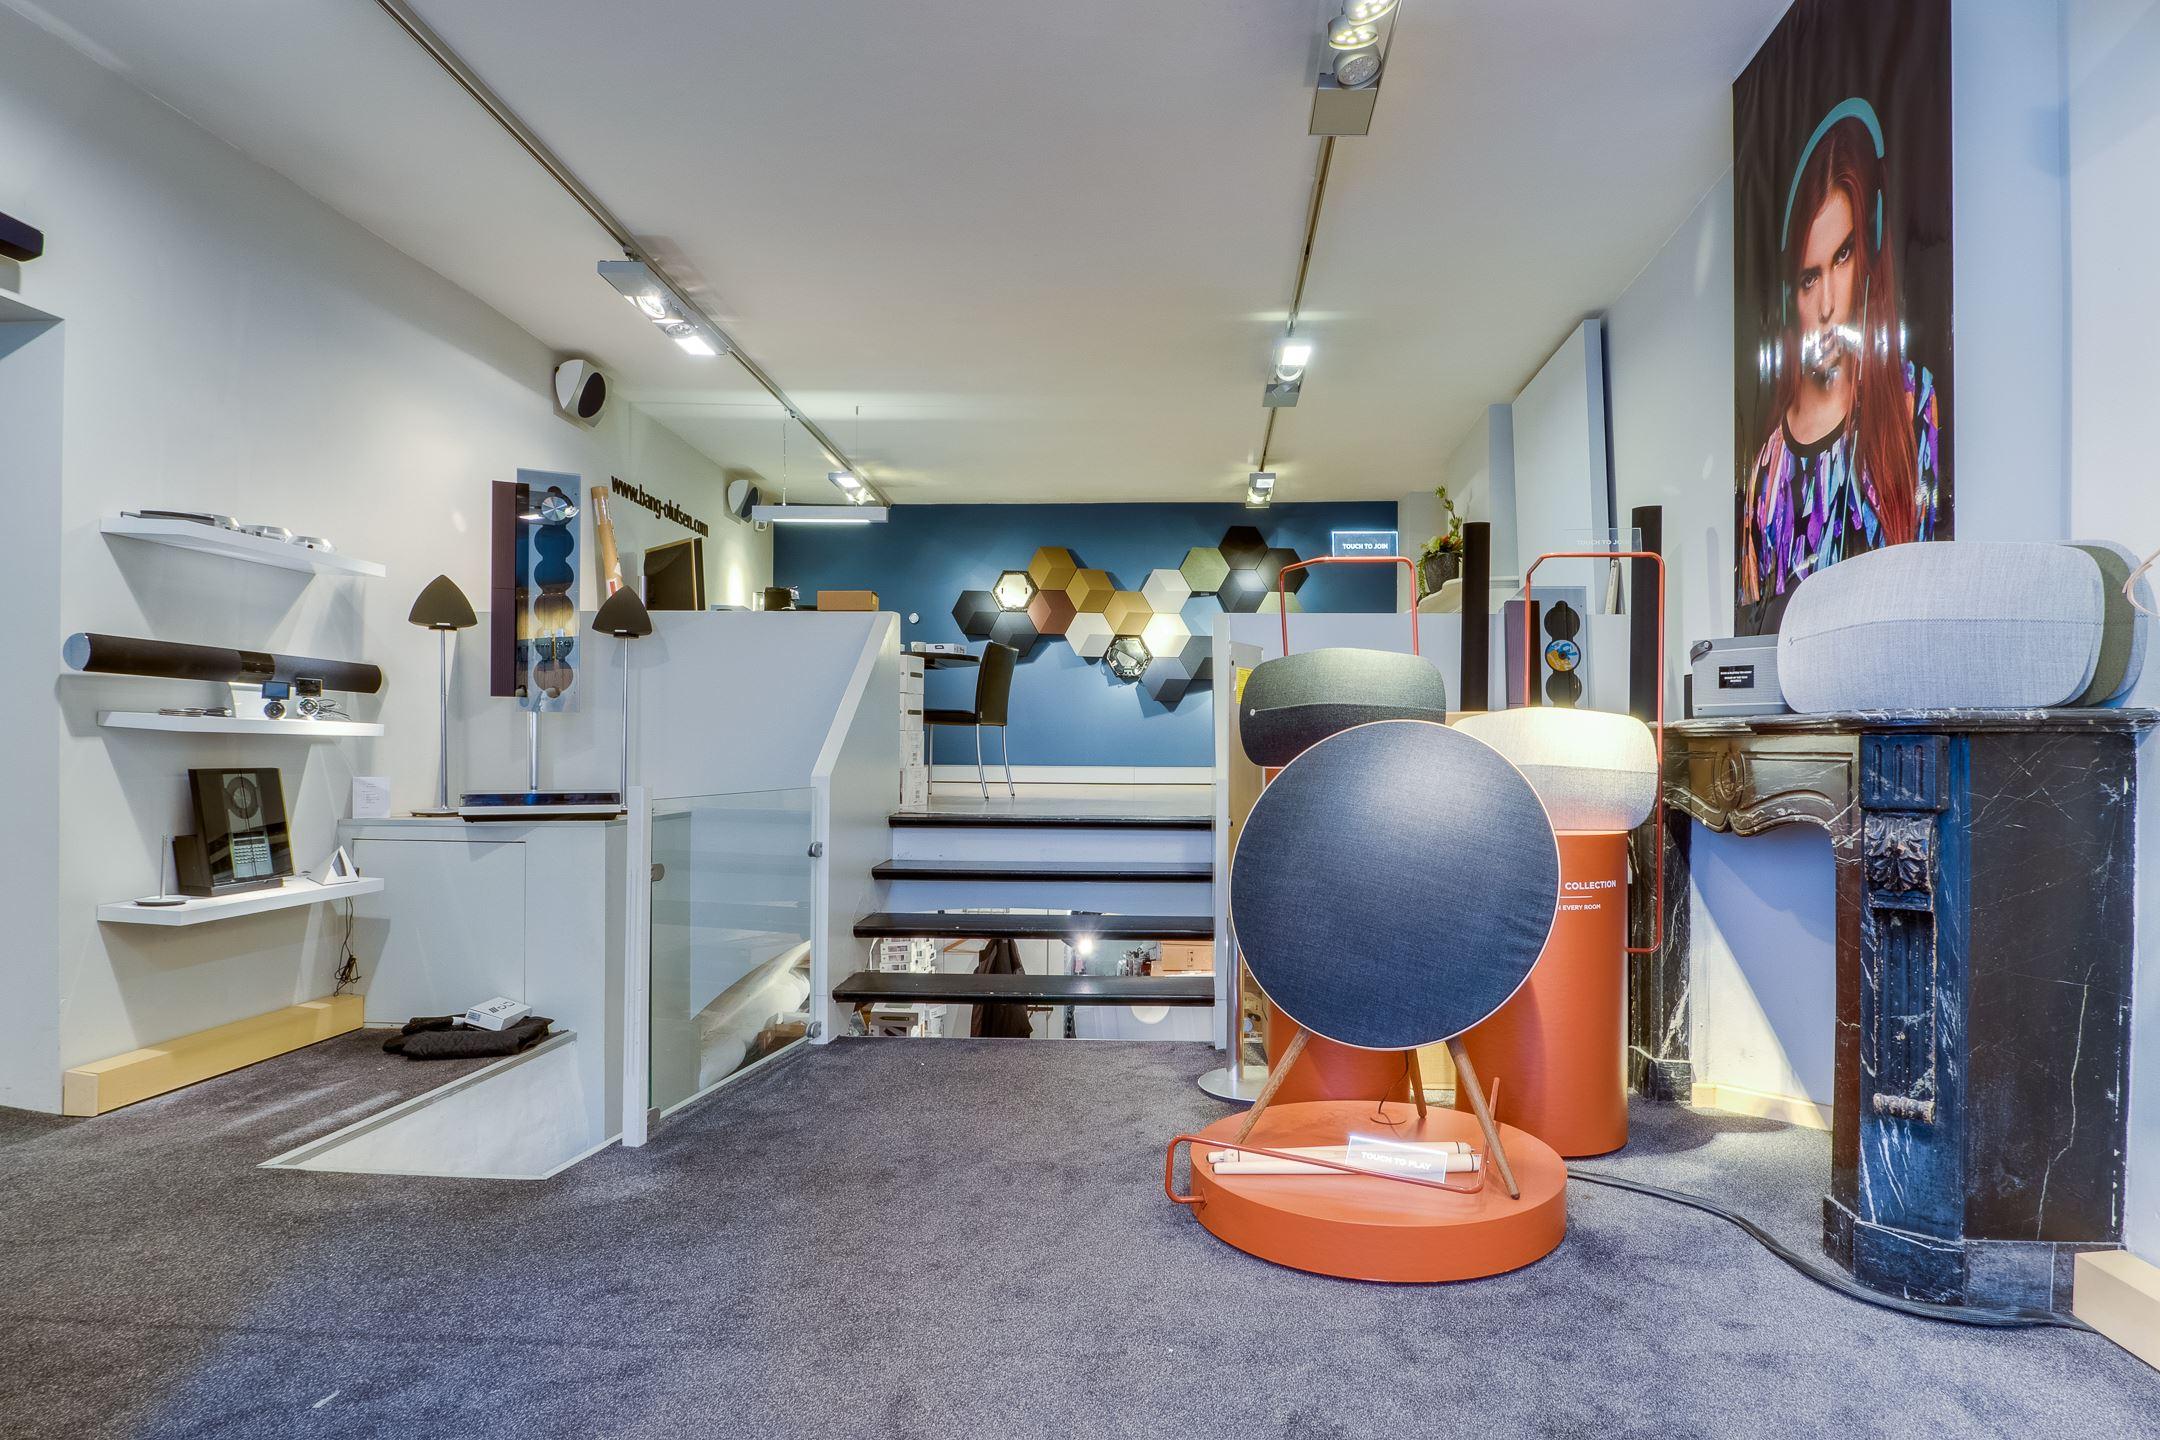 Winkel utrecht zoek winkels te huur: twijnstraat 42 44 3511 zl